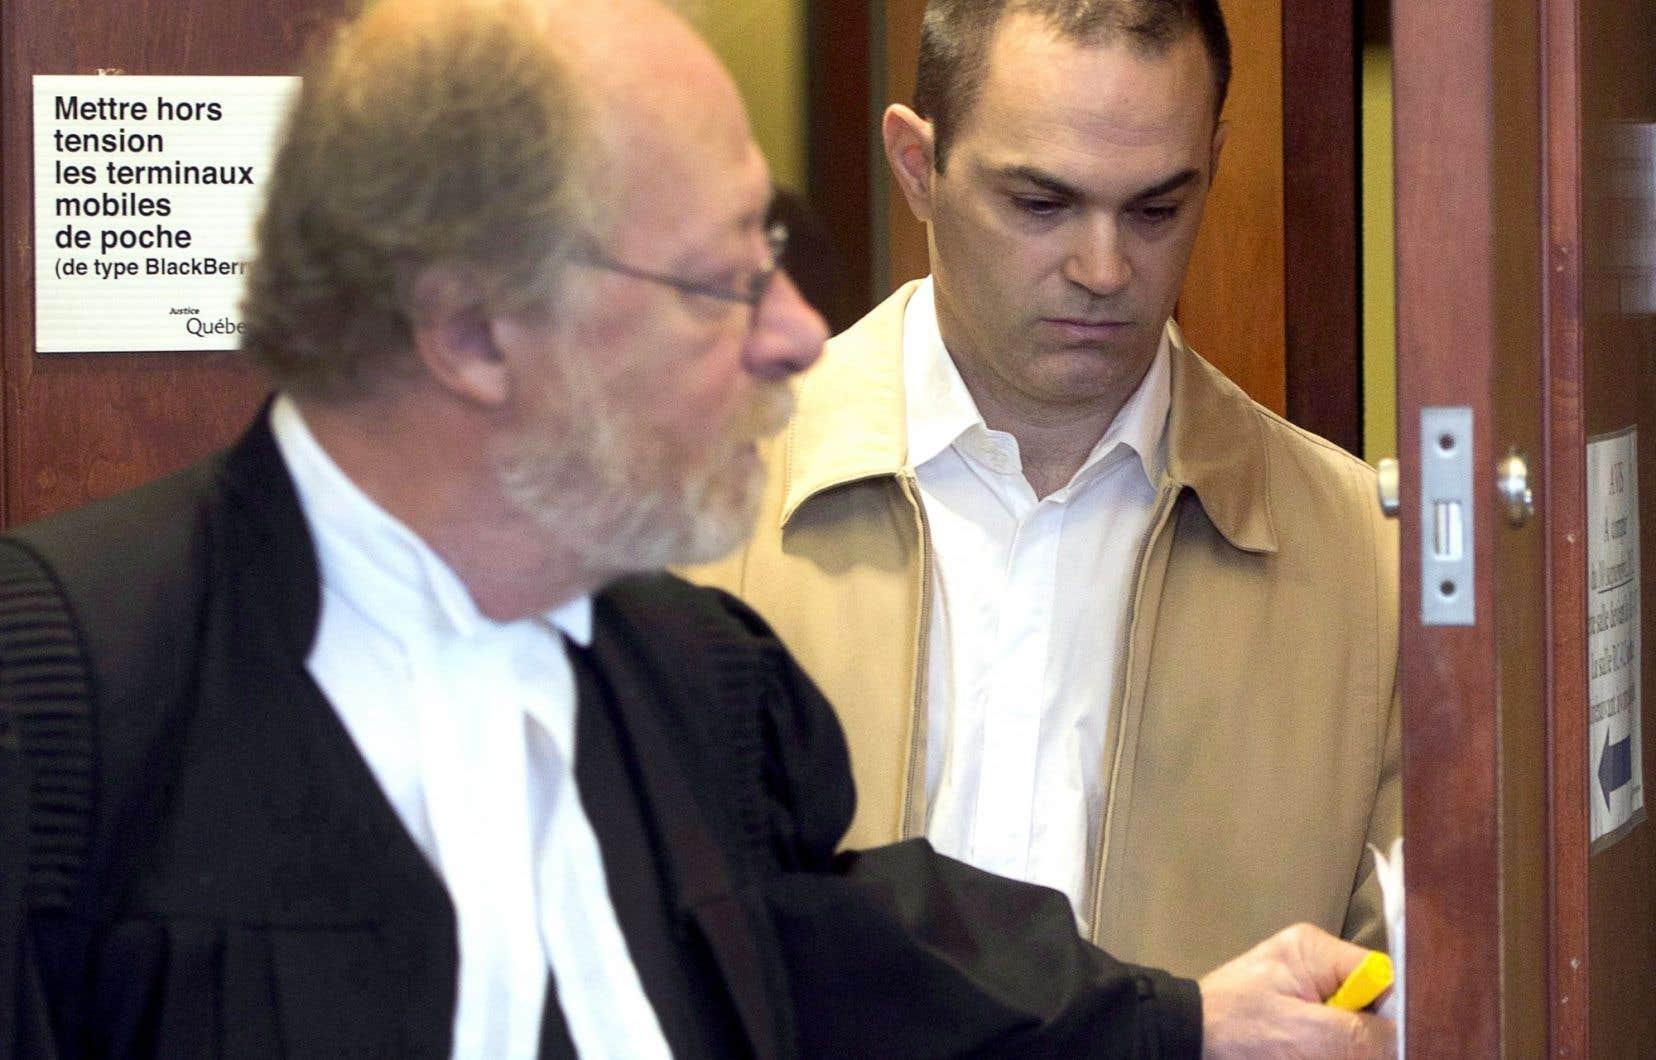 Les experts qui témoignent au procès de Guy Turcotte galvaudent les concepts médicaux.